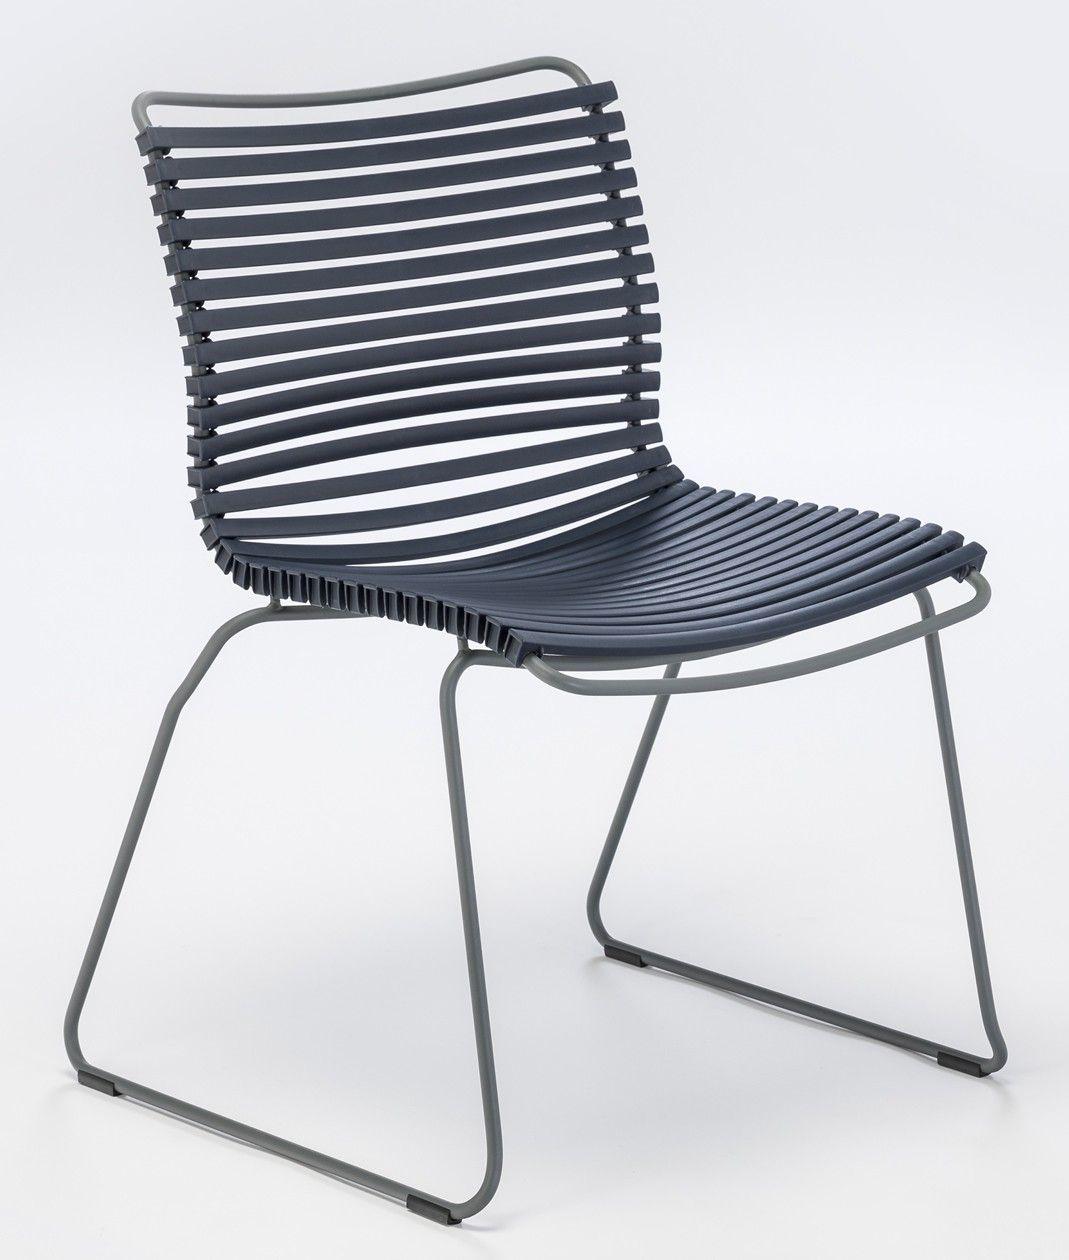 Click Stuhl Ohne Armlehnen Gartenstuhle Von Houe Neu Bei Desigano Com Eur 189 00 Https Www Desigano Com Gartenstue Gartenstuhle Esszimmerstuhl Gartensessel